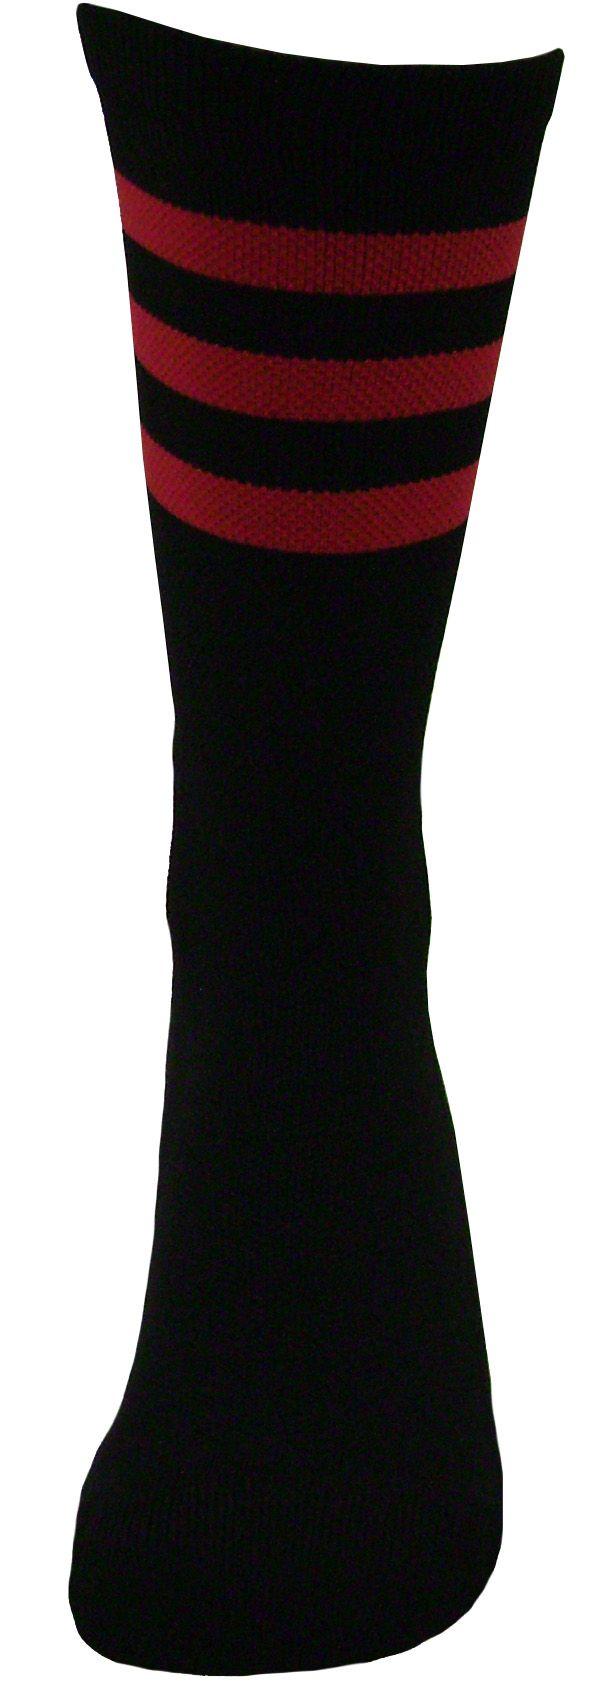 Par de meia Compressão cano médio  - 3 listras preto com vermelho